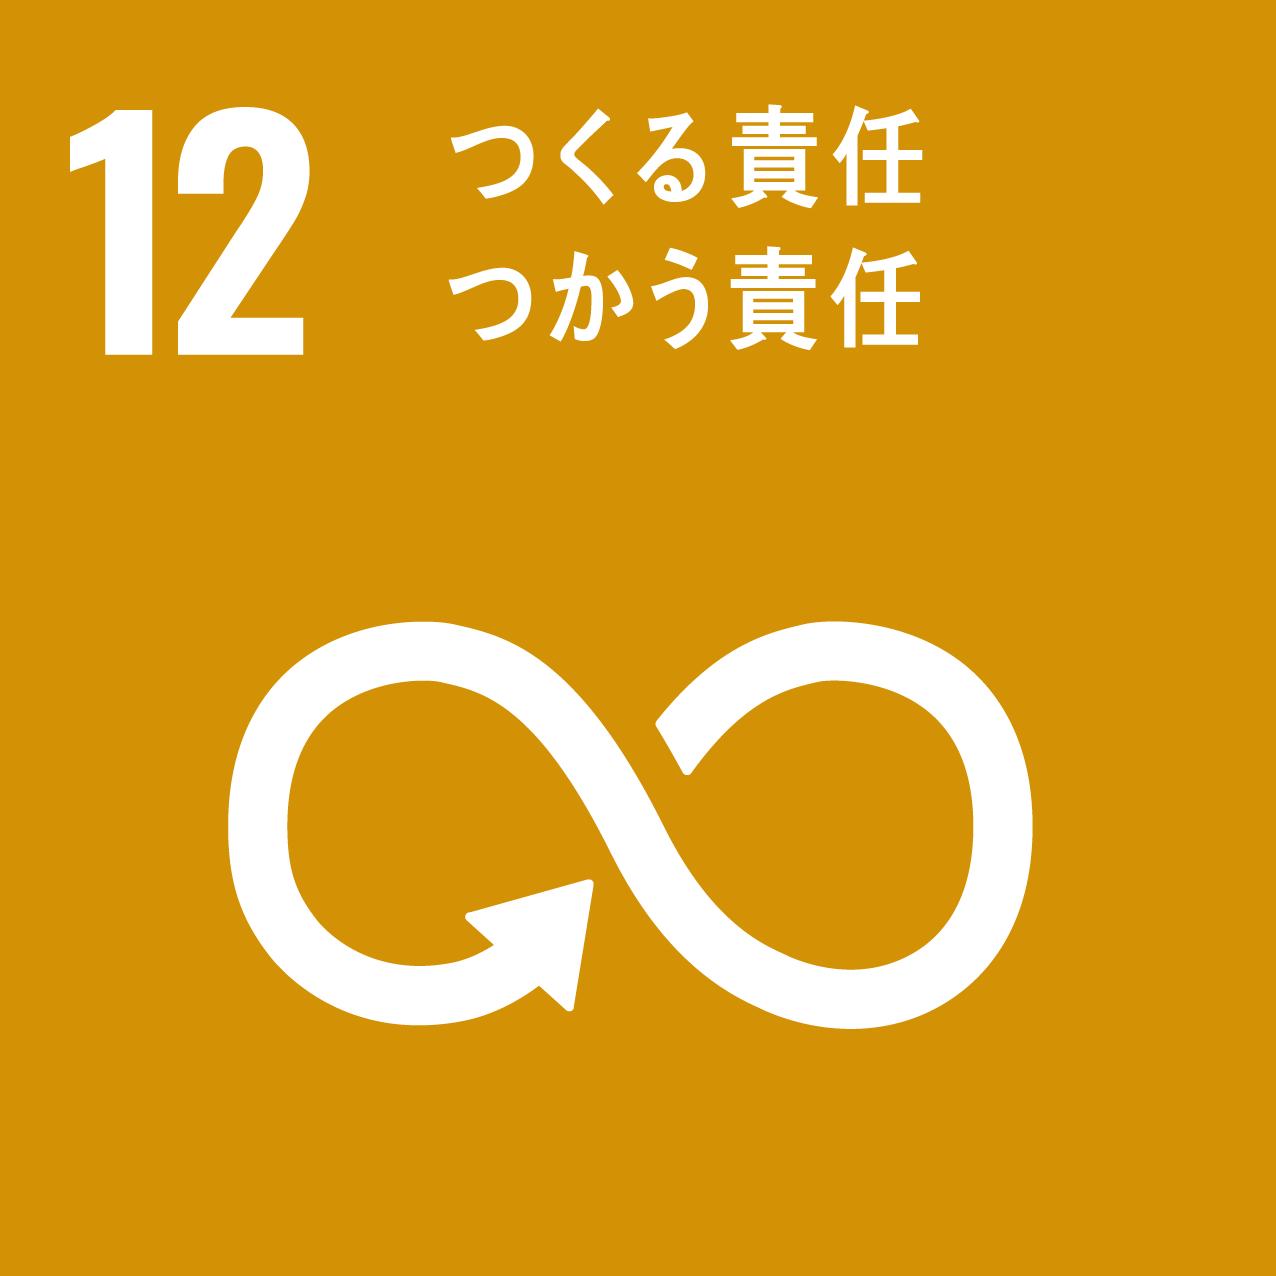 12,つくる責任 つかう責任